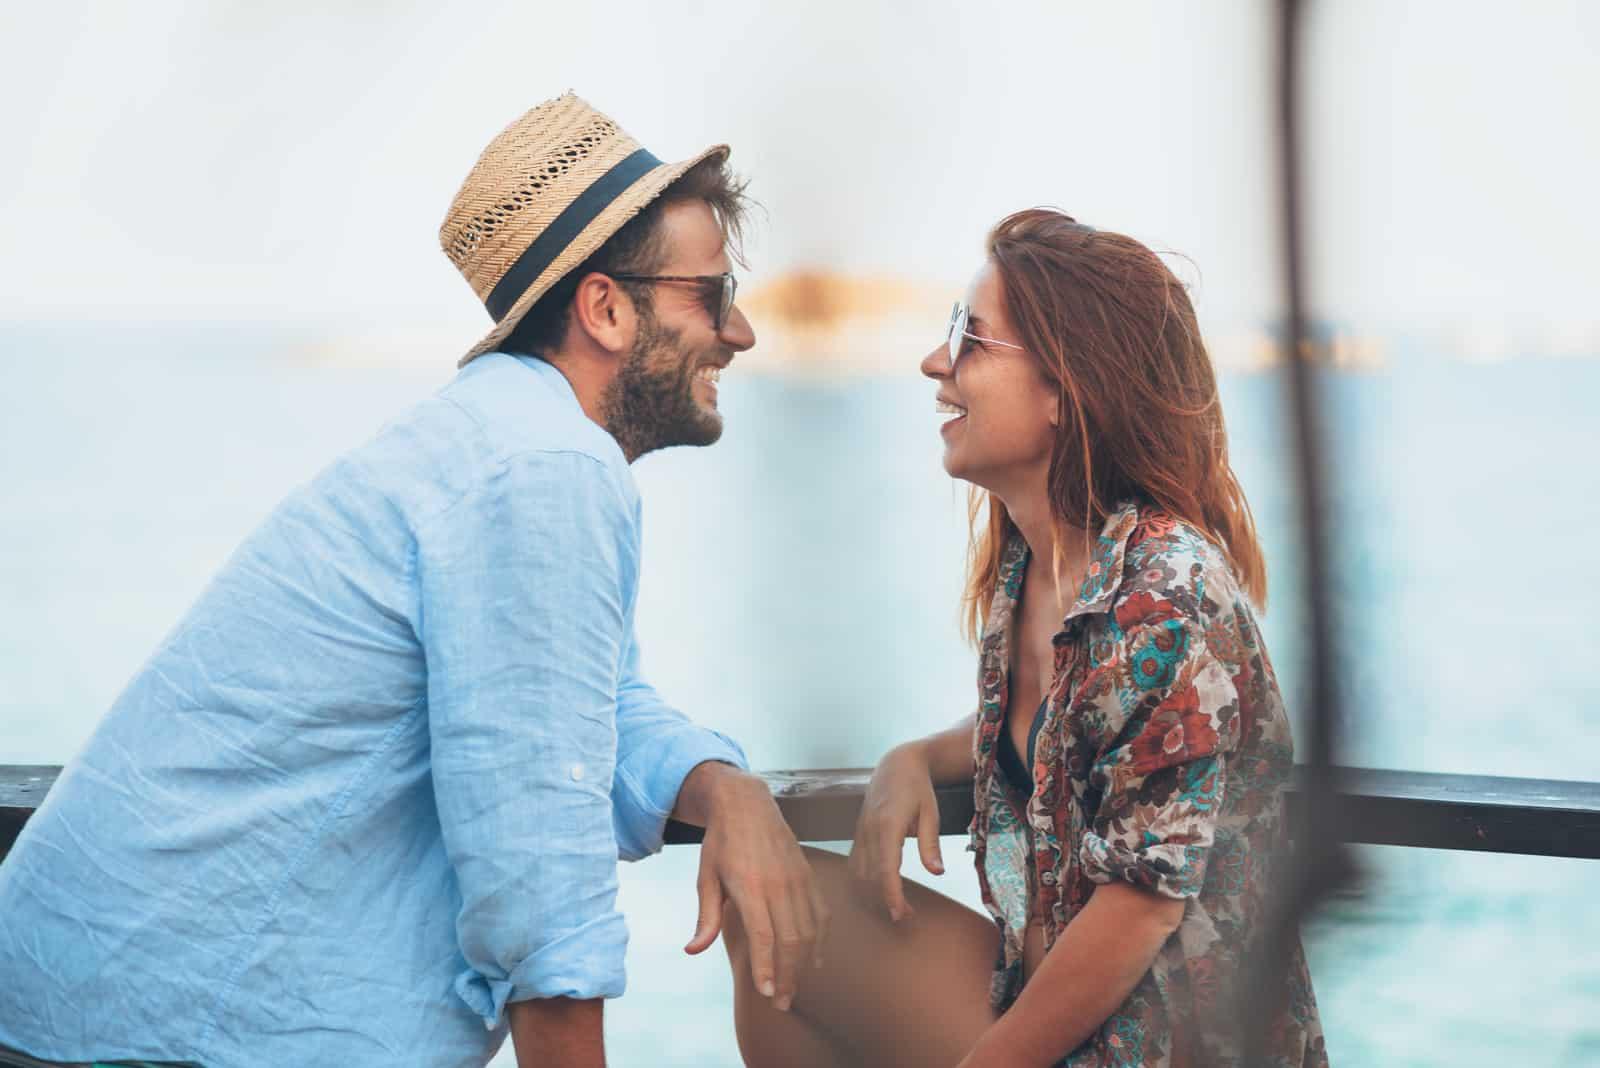 un homme et une femme s'assoient l'un à côté de l'autre et rient